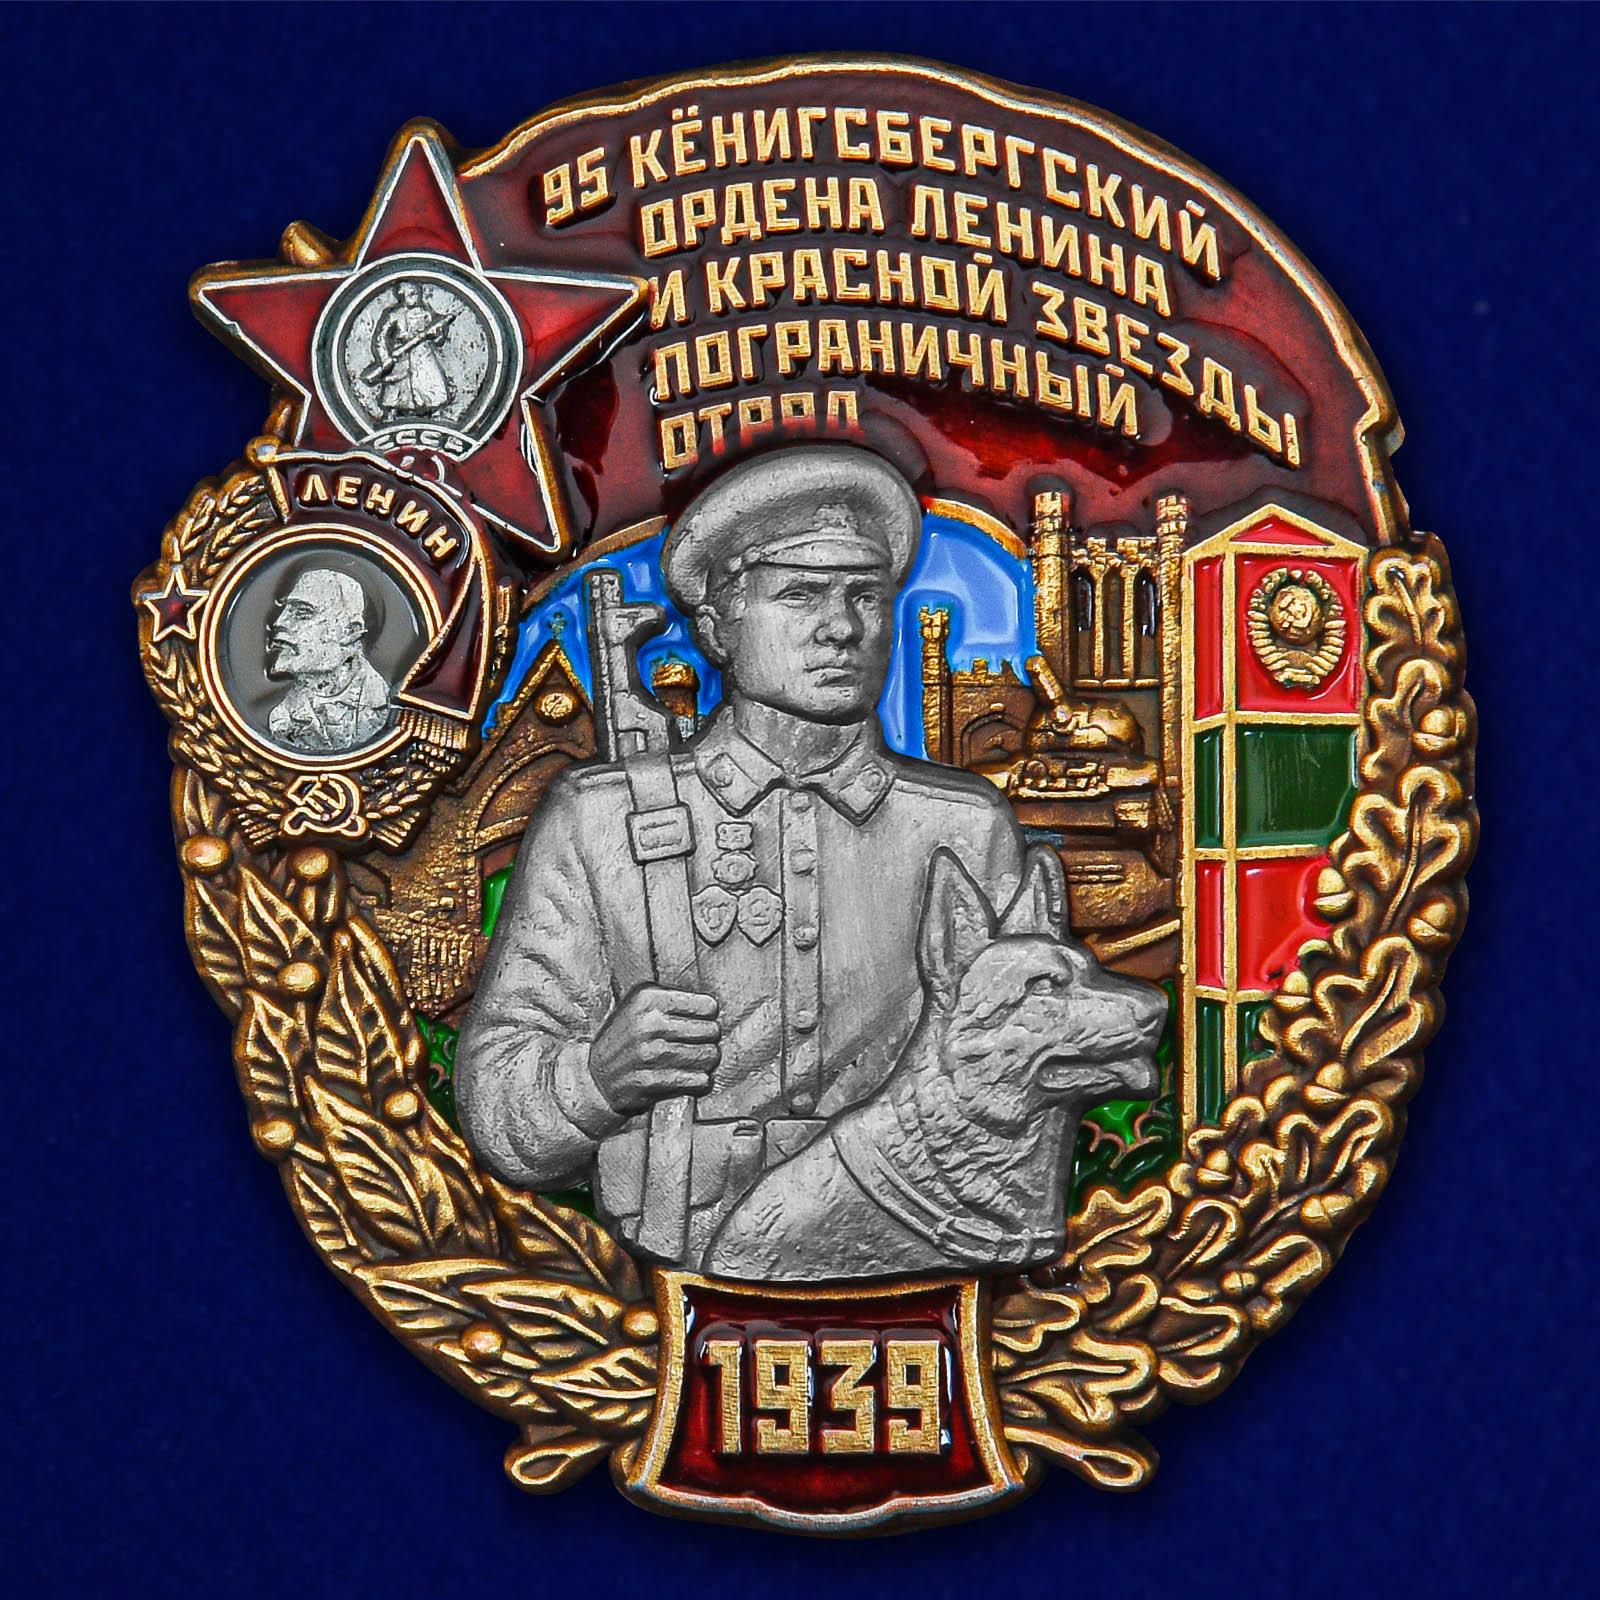 """Знак """"95 Кёнигсбергский Пограничный отряд"""""""